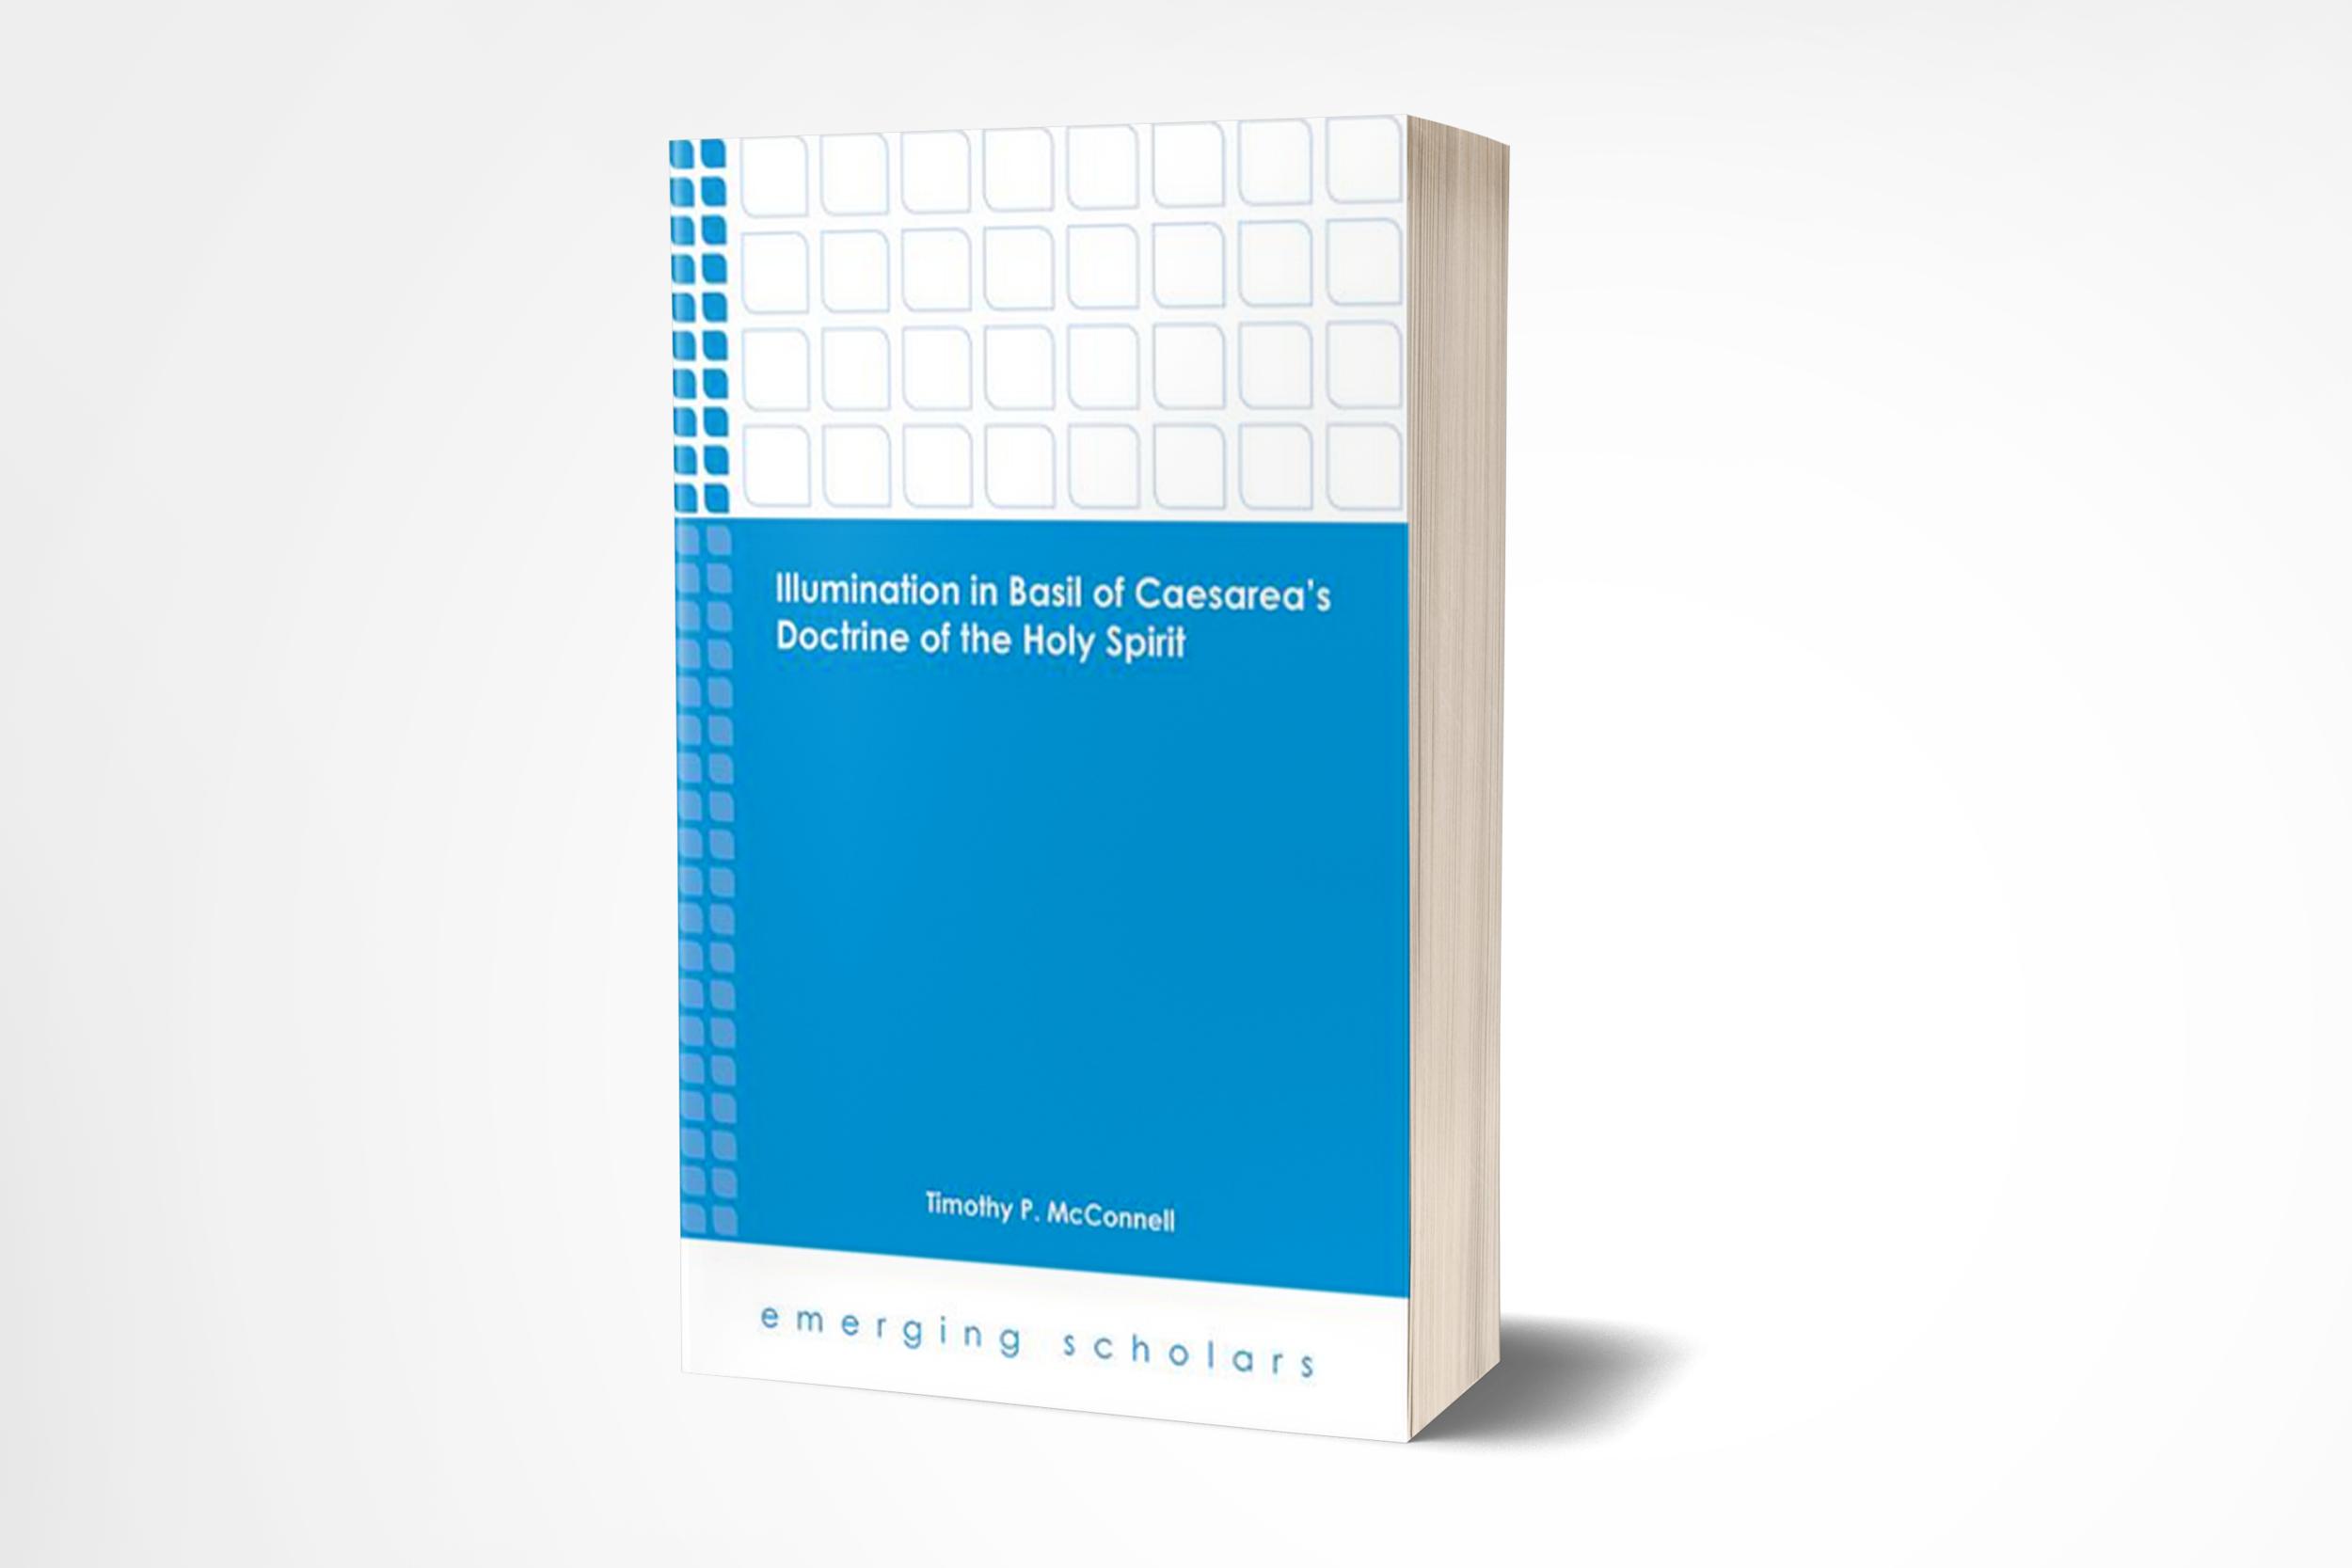 052-Book-Novel-Mockup-5x8-COVERVAULT.png